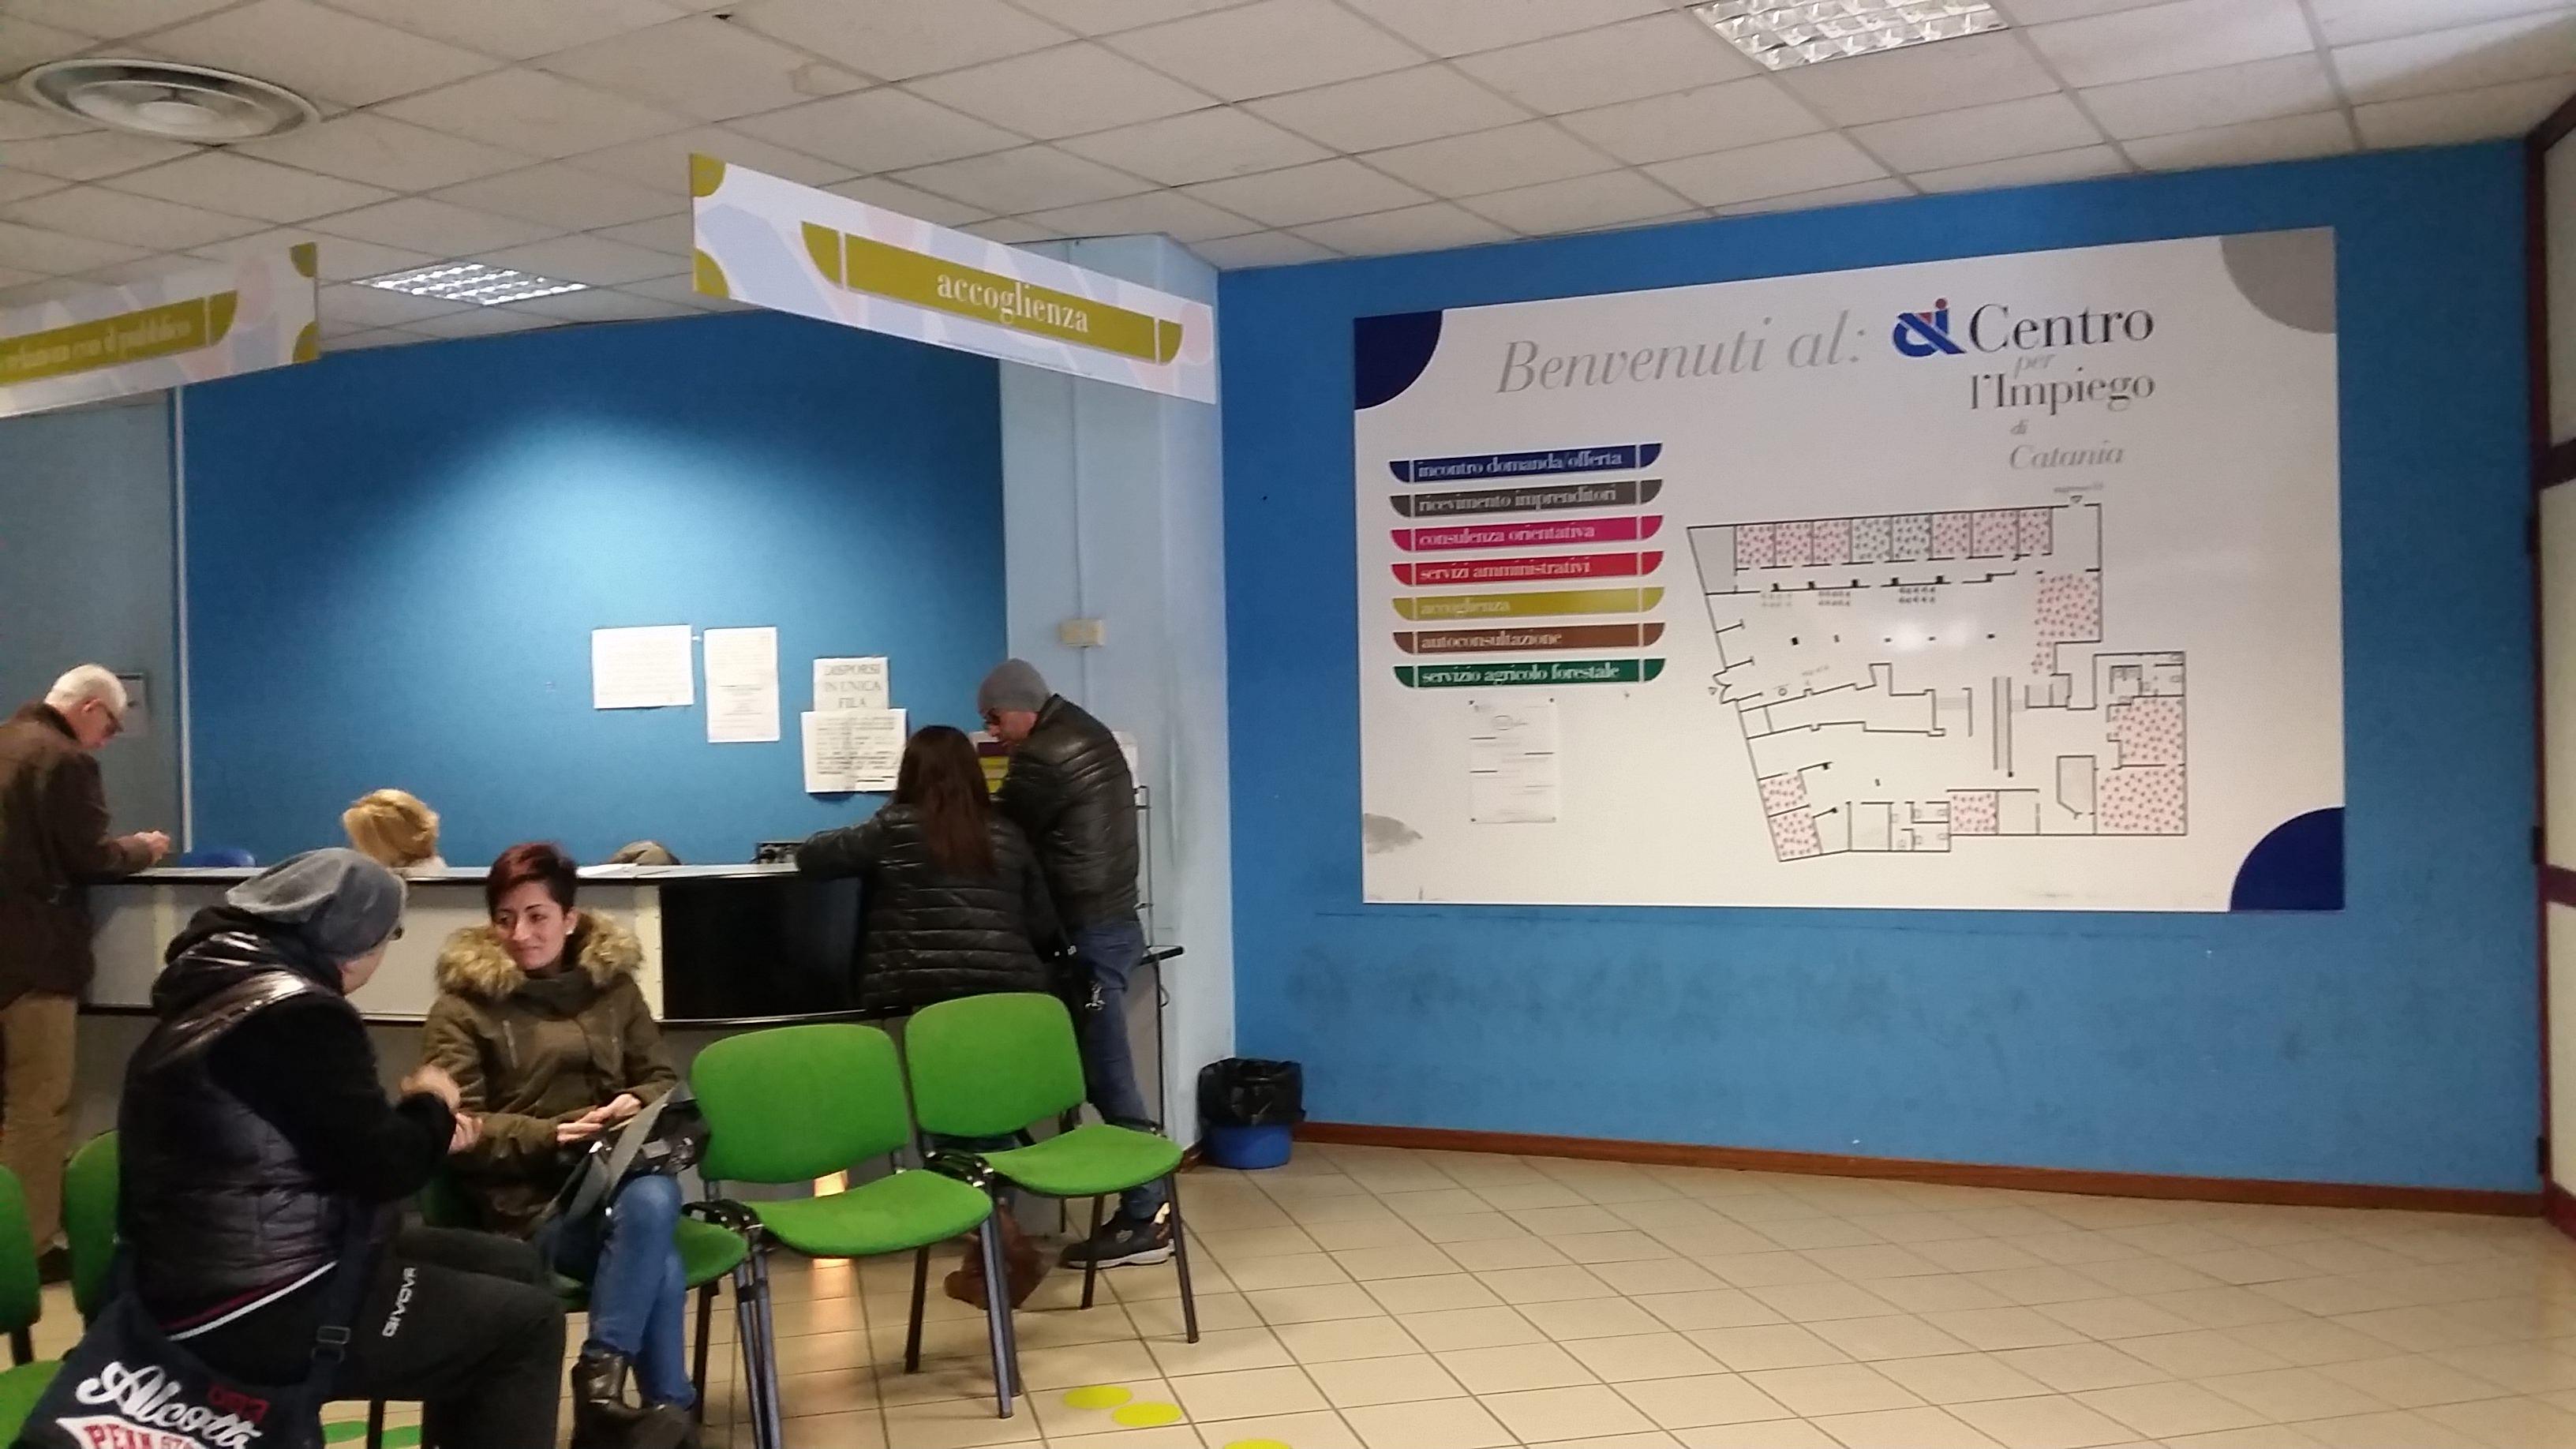 Ufficio Collocamento A Palermo : Ufficio collocamento newsicilia